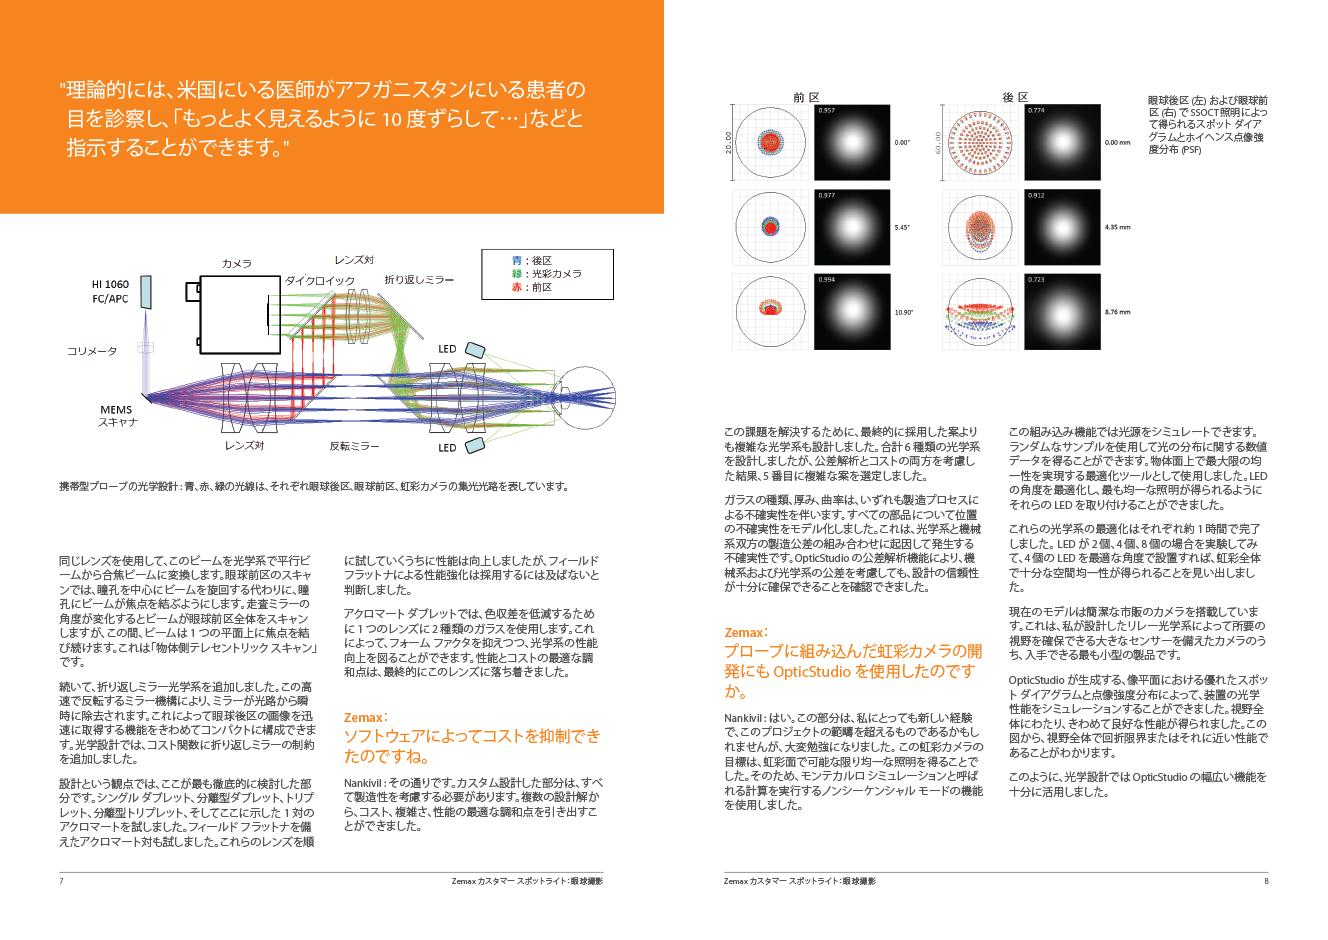 画期的な携帯型眼球撮像デバイスの開発に採用された OpticStudio Sneak Preview